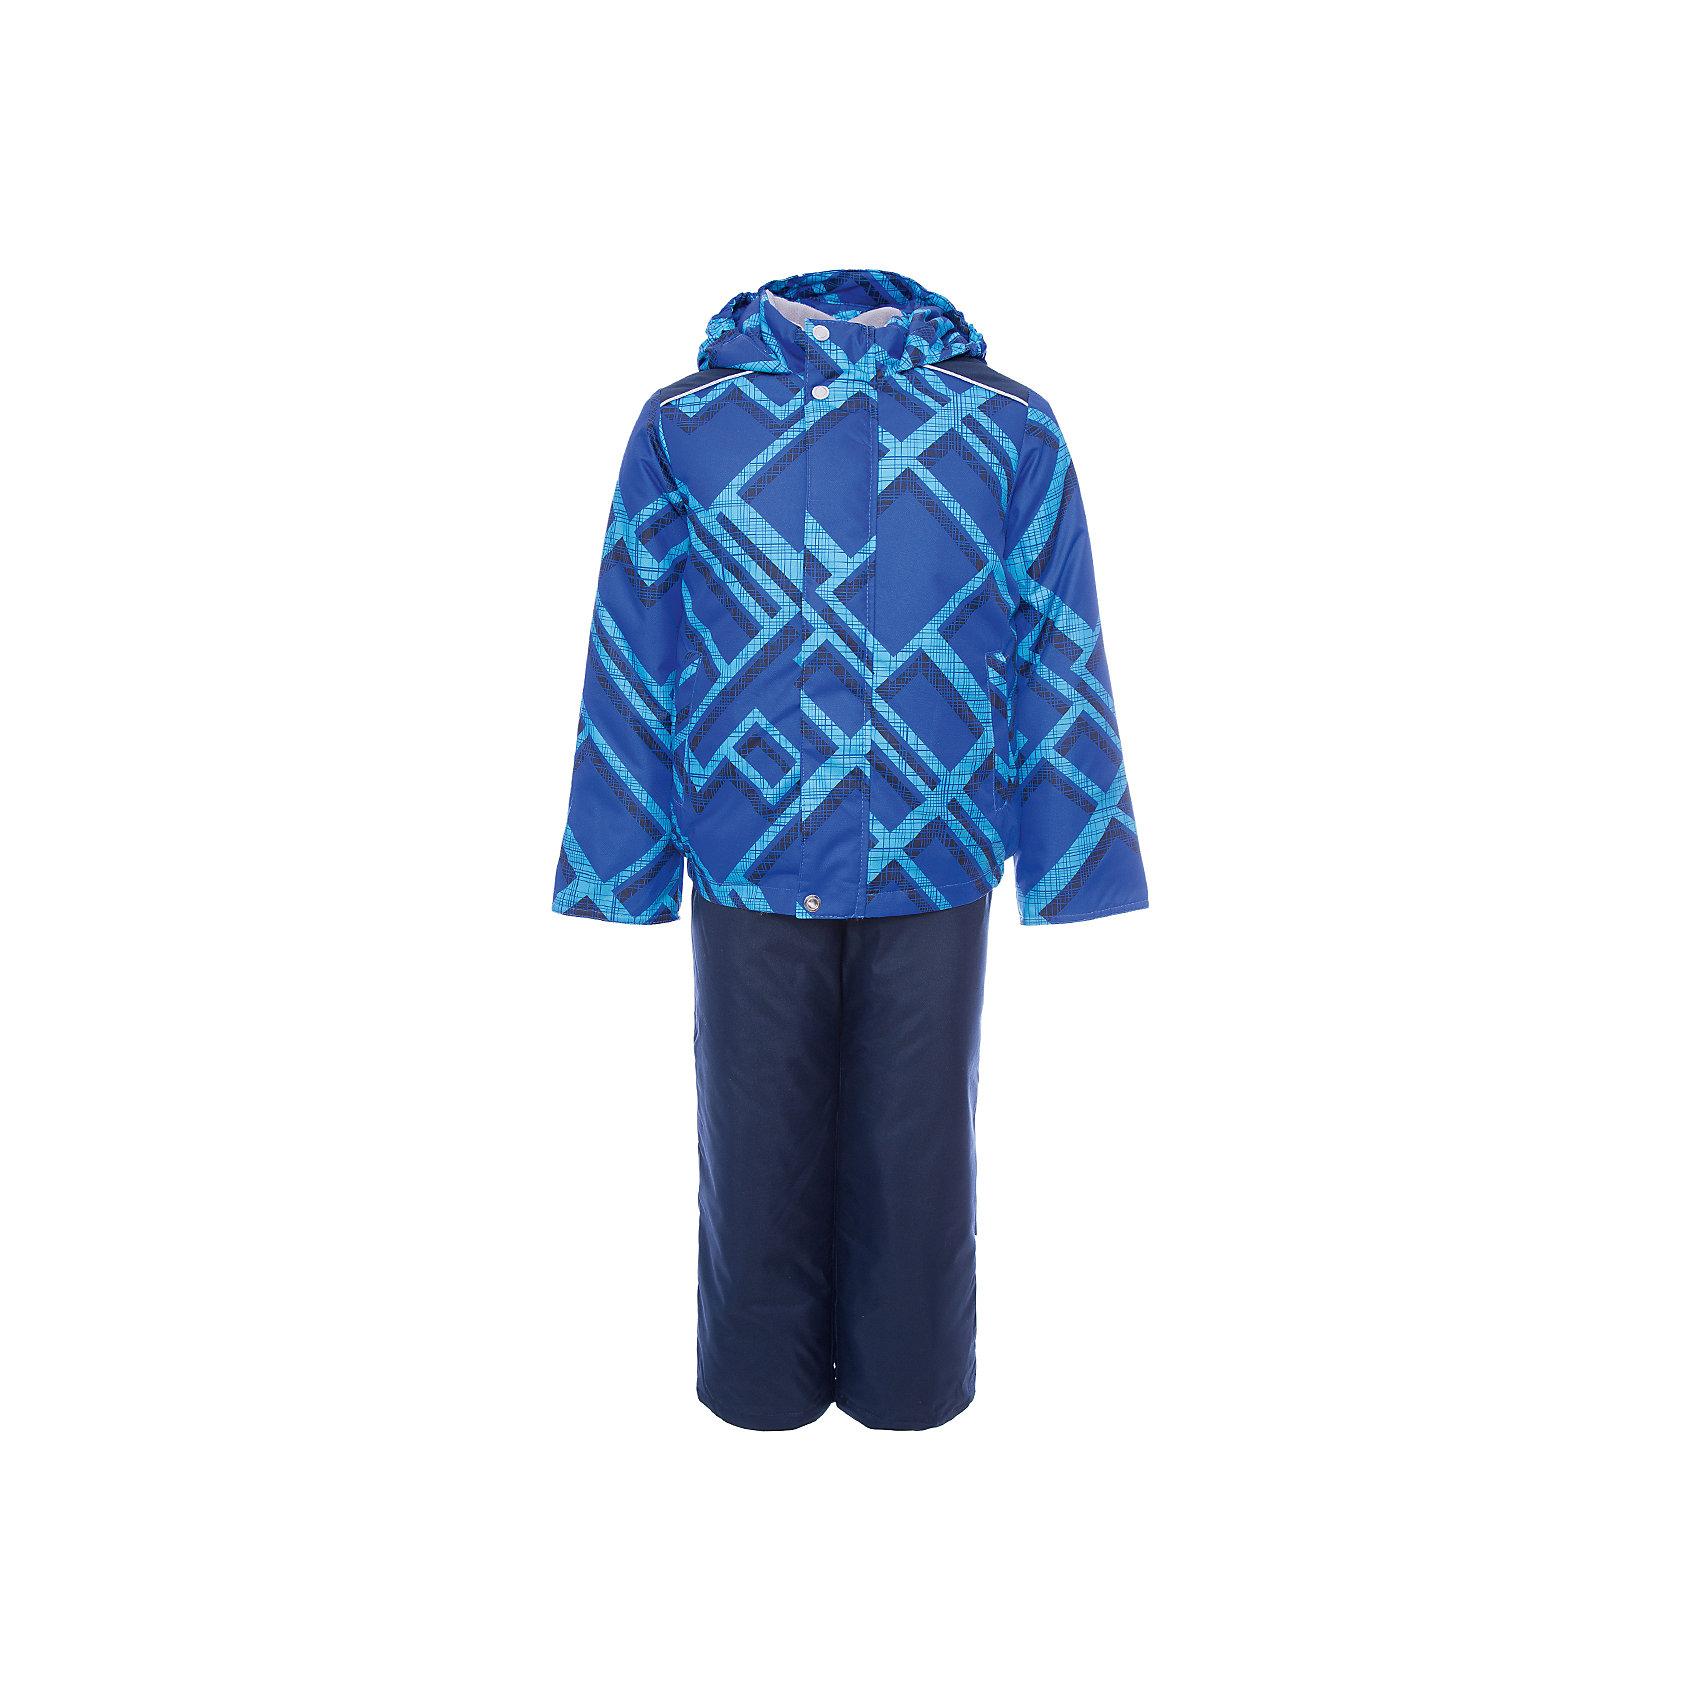 Комплект: куртка и полукомбинезон Гор OLDOS для мальчикаВерхняя одежда<br>Характеристики товара:<br><br>• цвет: голубой<br>• комплектация: куртка и полукомбинезон<br>• состав ткани: полиэстер<br>• подкладка: флис<br>• утеплитель: Hollofan <br>• сезон: зима<br>• мембранное покрытие<br>• температурный режим: от -30 до 0<br>• водонепроницаемость: 3000 мм <br>• паропроницаемость: 3000 г/м2<br>• плотность утеплителя: куртка - 300 г/м2, полукомбинезон - 150 г/м2<br>• застежка: молния<br>• капюшон: без меха, несъемный<br>• страна бренда: Россия<br>• страна изготовитель: Россия<br><br>Зимний комплект от бренда Oldos разработан с учетом потребностей детей. Мембранный комплект для мальчика дополнен элементами для удобства ребенка: воротник-стойка, двойная планка от ветра. Прочное покрытие такого детского комплекта - это защита от воды и грязи, износостойкость, за ним легко ухаживать.<br><br>Комплект: куртка и полукомбинезон Гор Oldos (Олдос) для мальчика можно купить в нашем интернет-магазине.<br><br>Ширина мм: 356<br>Глубина мм: 10<br>Высота мм: 245<br>Вес г: 519<br>Цвет: голубой<br>Возраст от месяцев: 108<br>Возраст до месяцев: 120<br>Пол: Мужской<br>Возраст: Детский<br>Размер: 92,140,98,104,110,116,122,128,134<br>SKU: 7016486